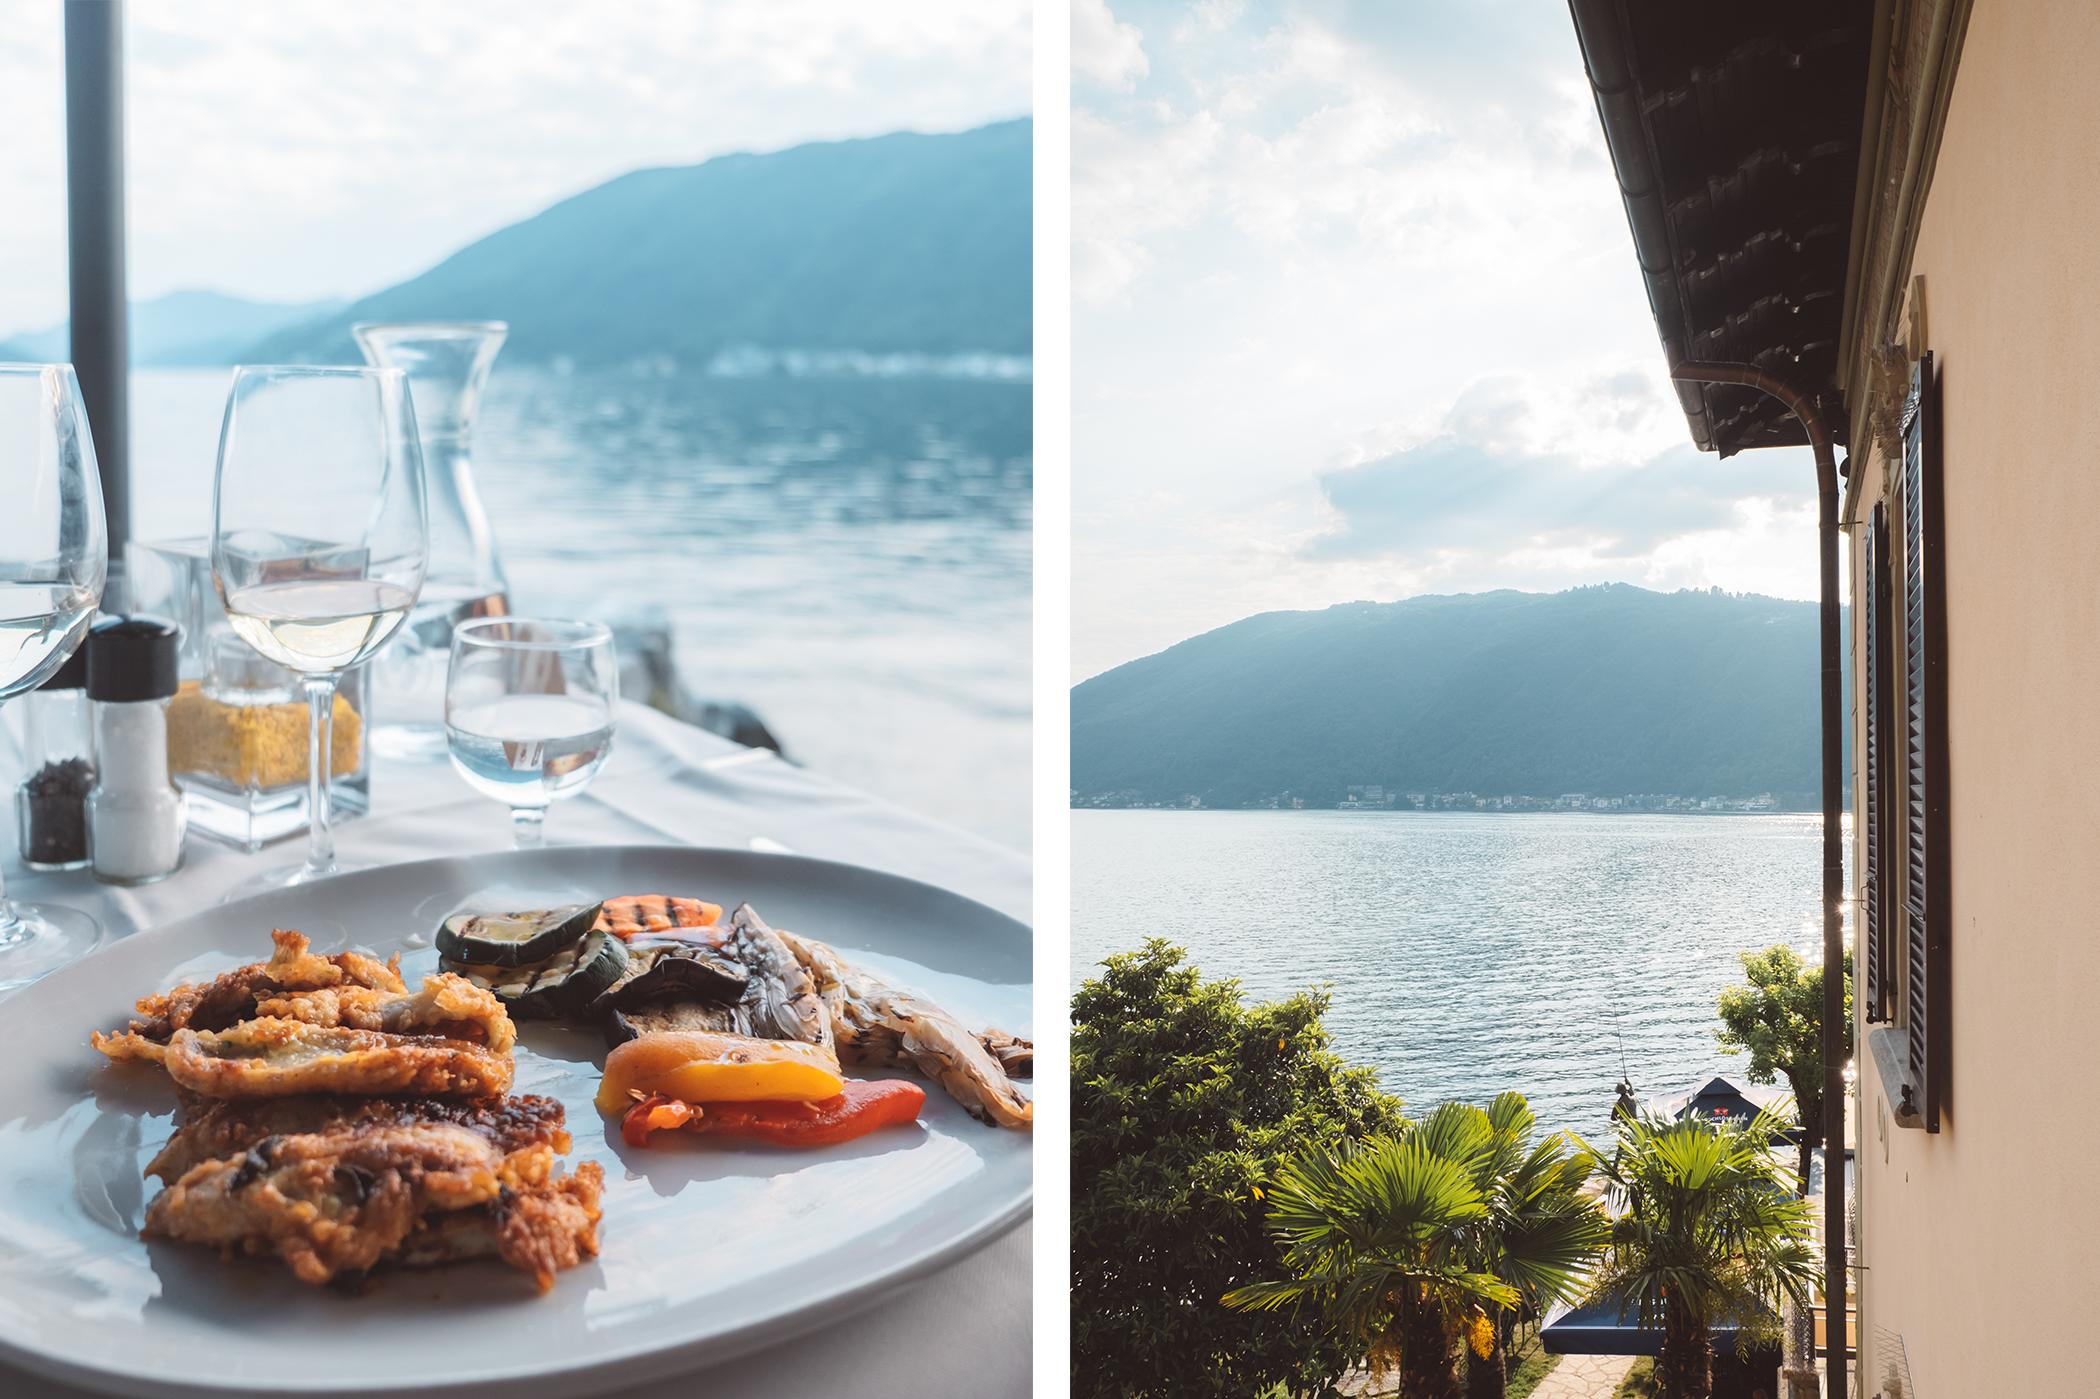 Repas à l'hôtel La Palma au bord du lac